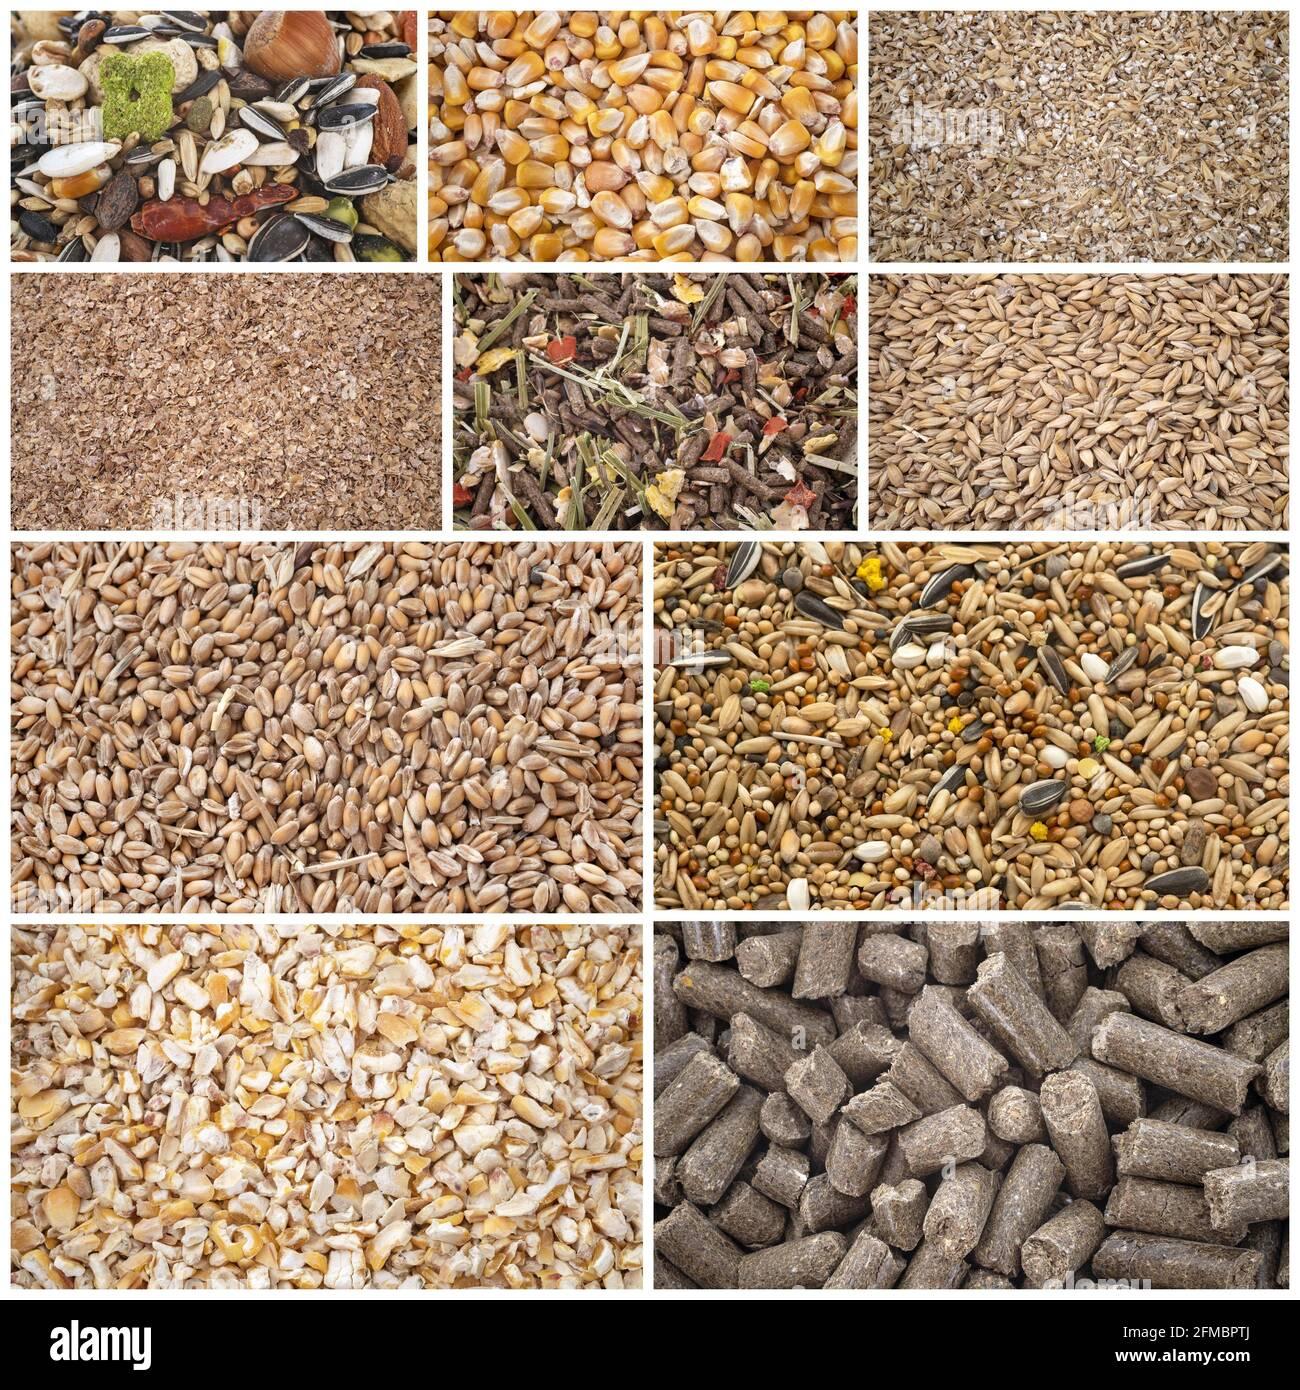 image composite de céréales pour l'alimentation animale Banque D'Images